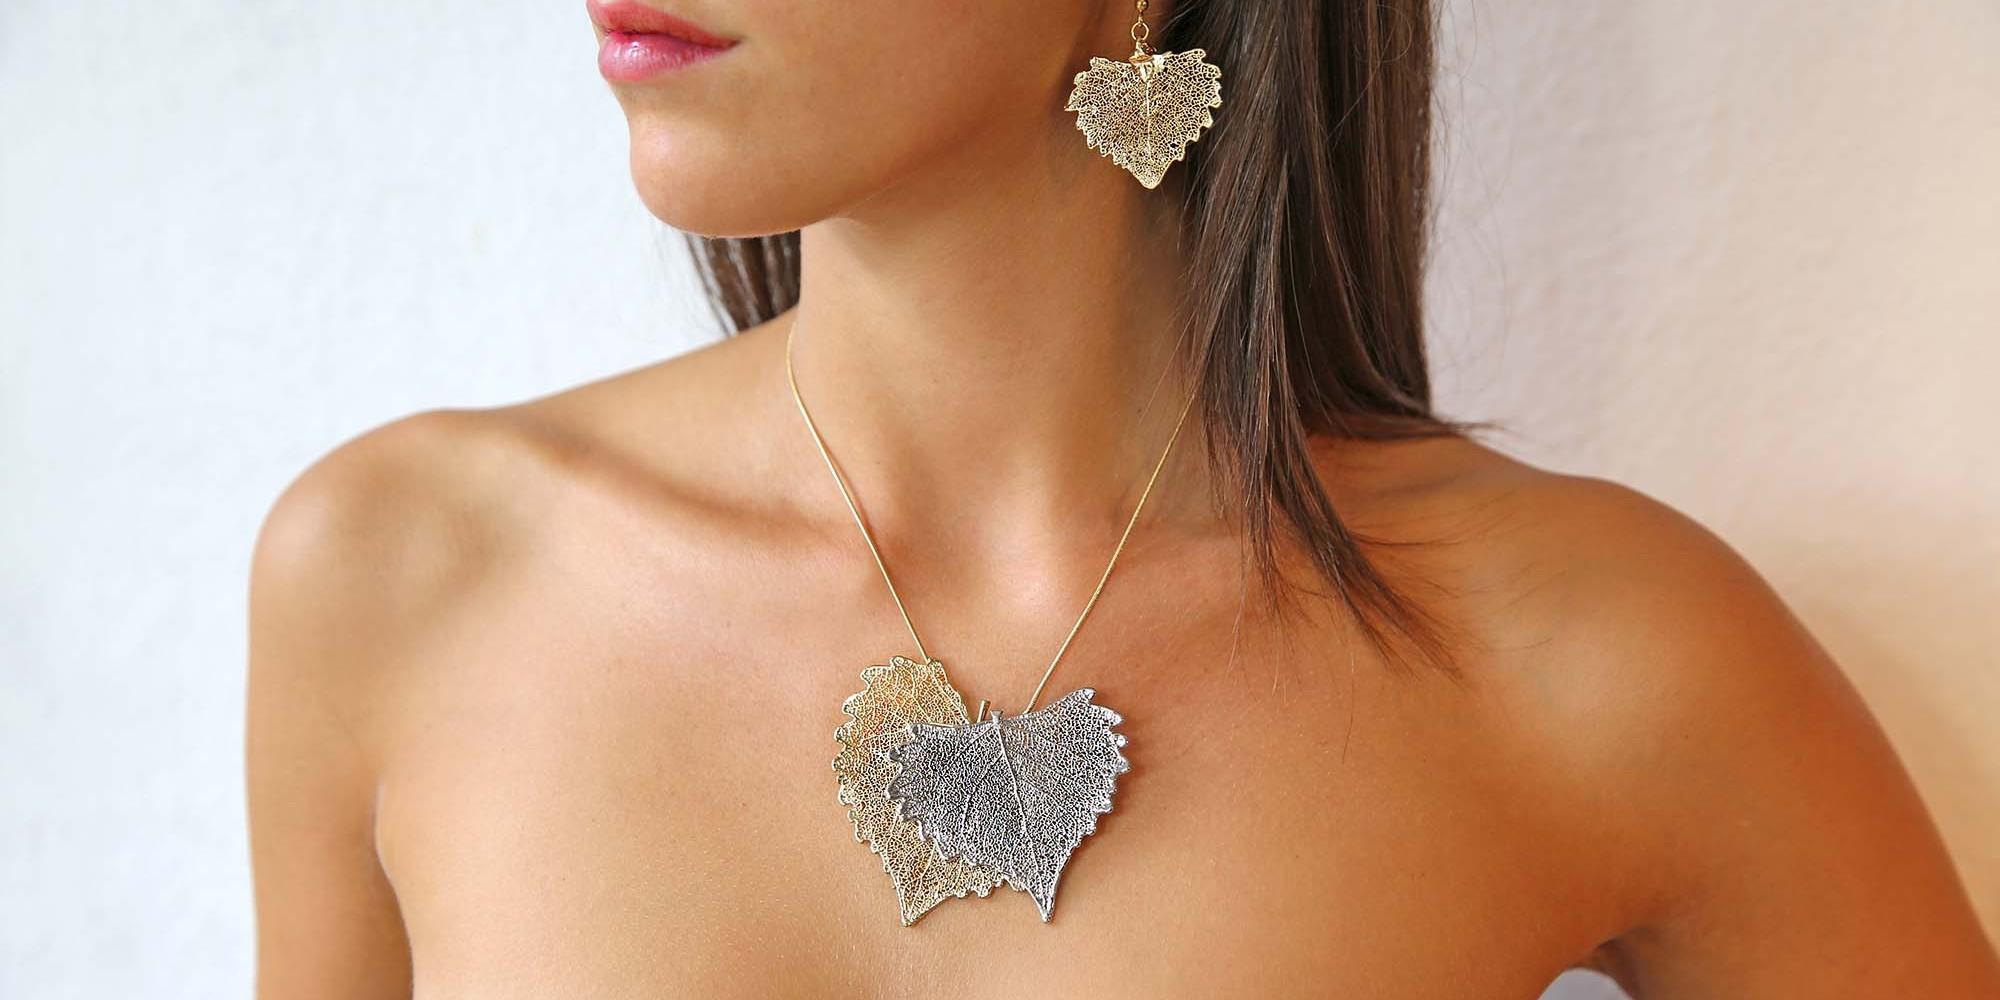 Parure indossata da modella di orecchini di vere foglie di cotone placcate argento e ciondolo due toni con due foglie di cotone una placcata oro e l'altra argento